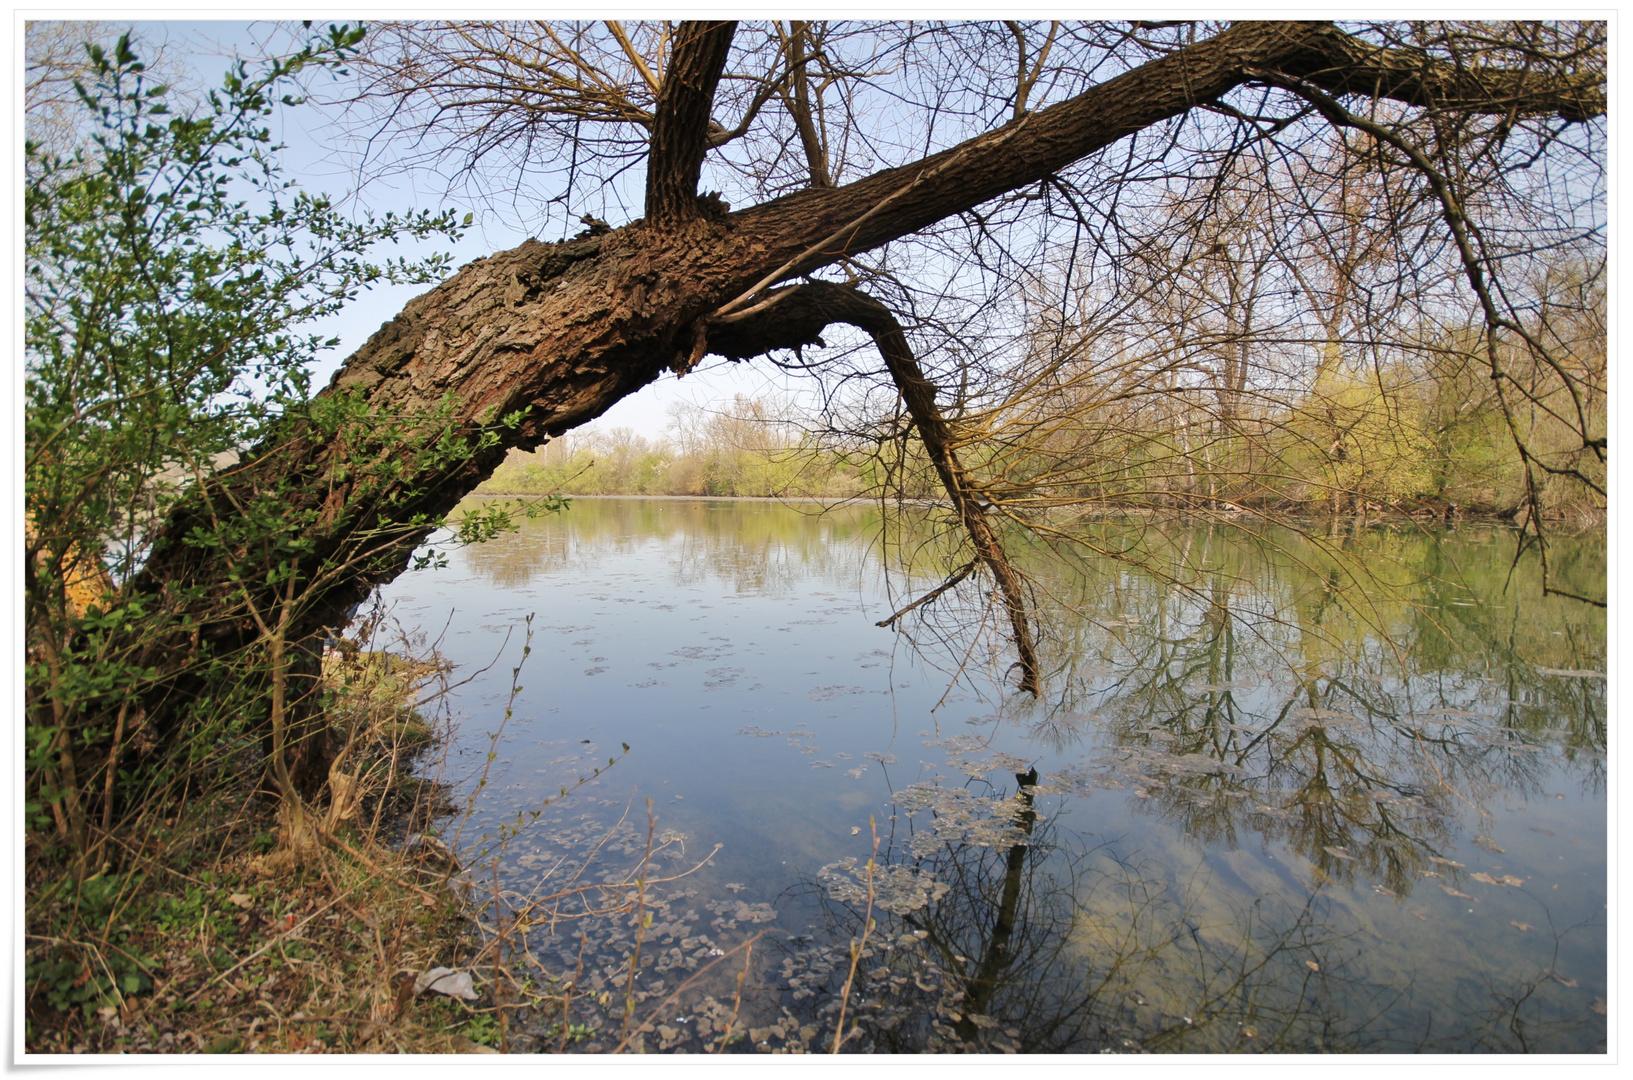 Naturschutzgebiet Grienwiesen